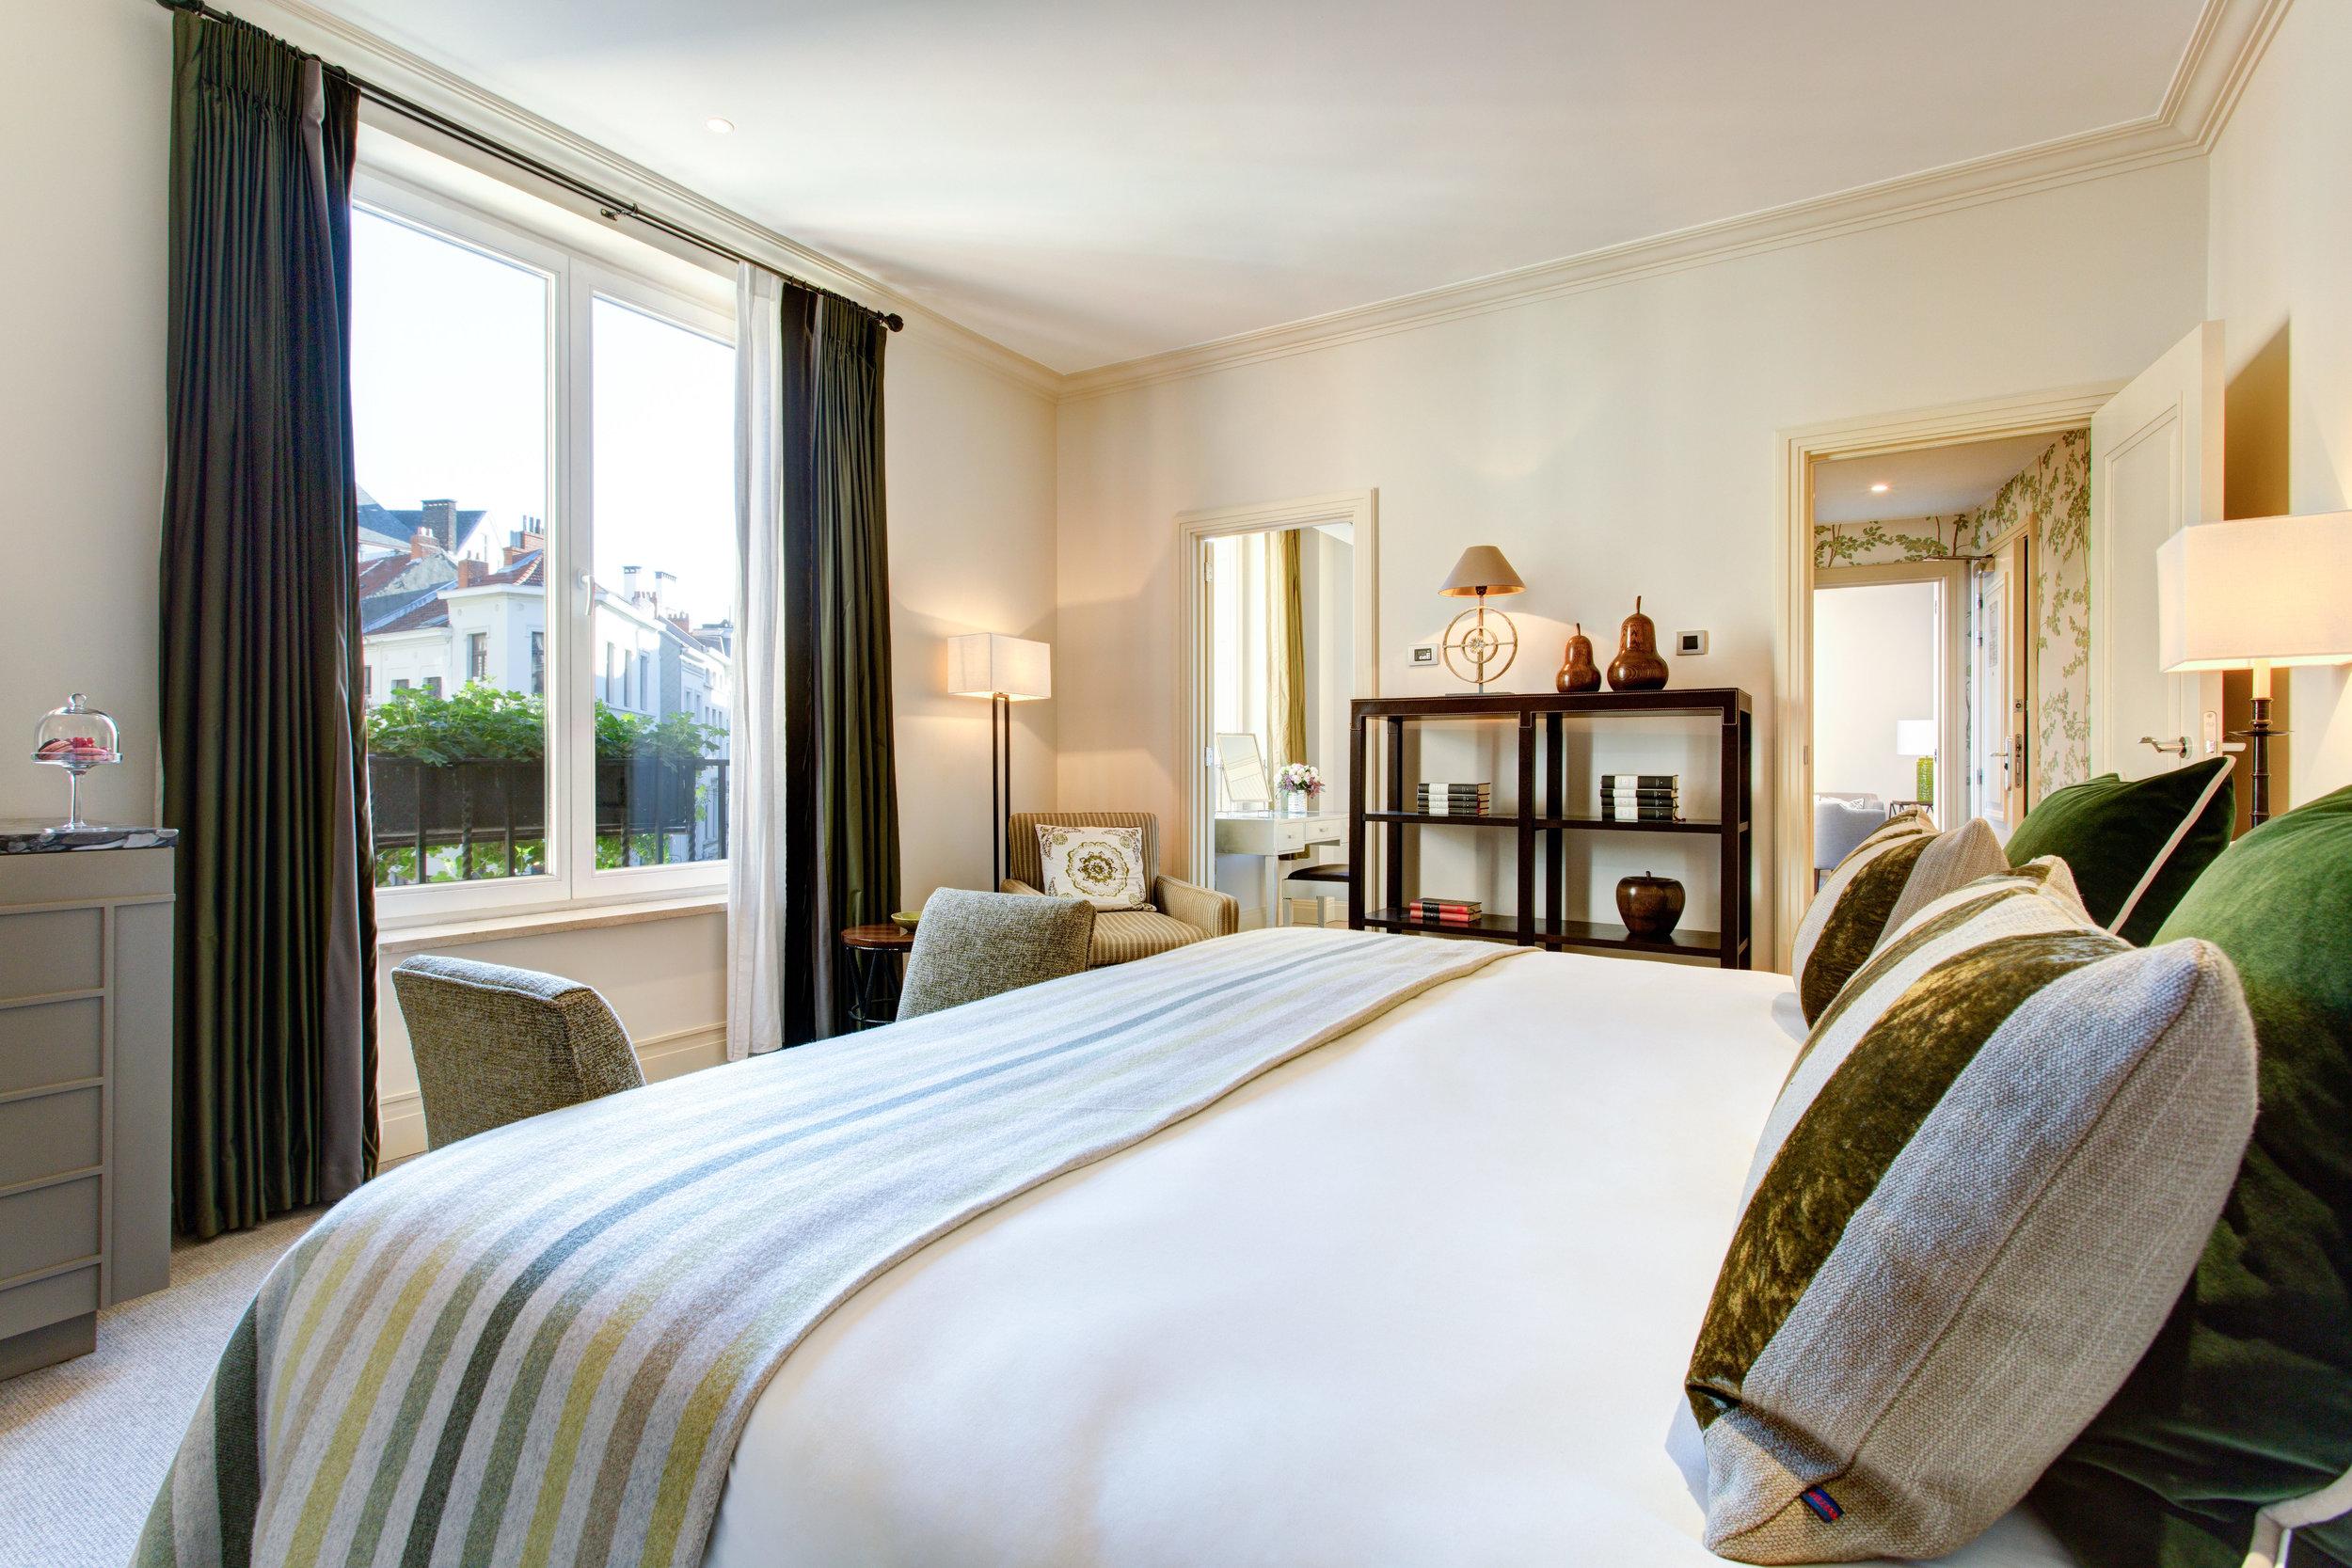 6 RFH Hotel Amigo - Executive Suite 7178 JG Nov 16.jpg